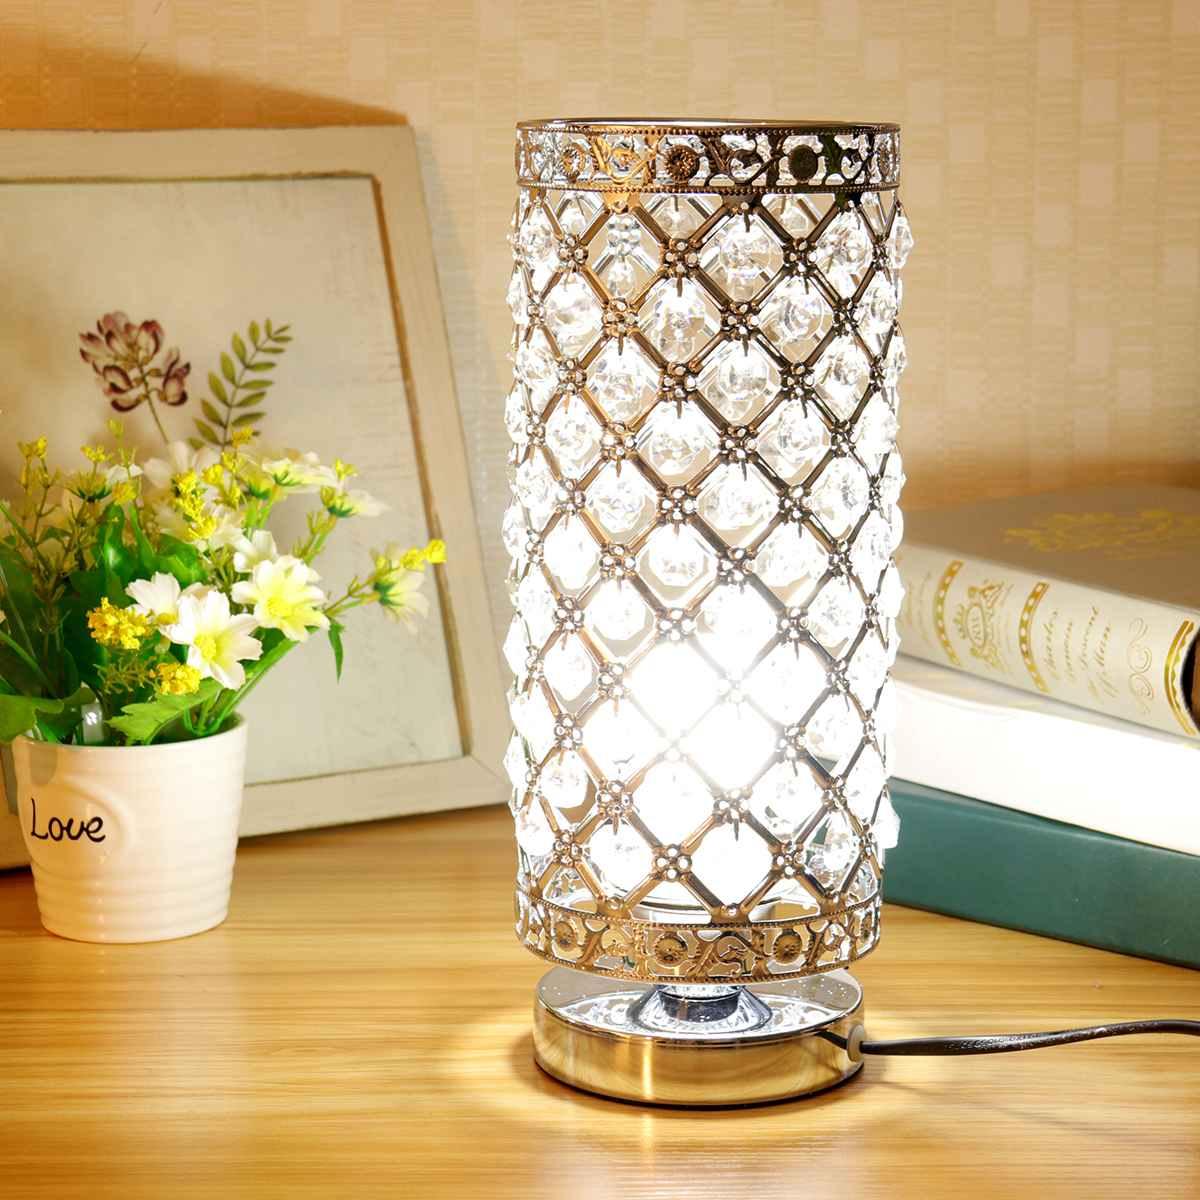 밤 램프 e27 홀더 옆에 현대 크리스탈 책상 테이블 램프 빛 홈 침실 장식 조정 가능한 실내 조명